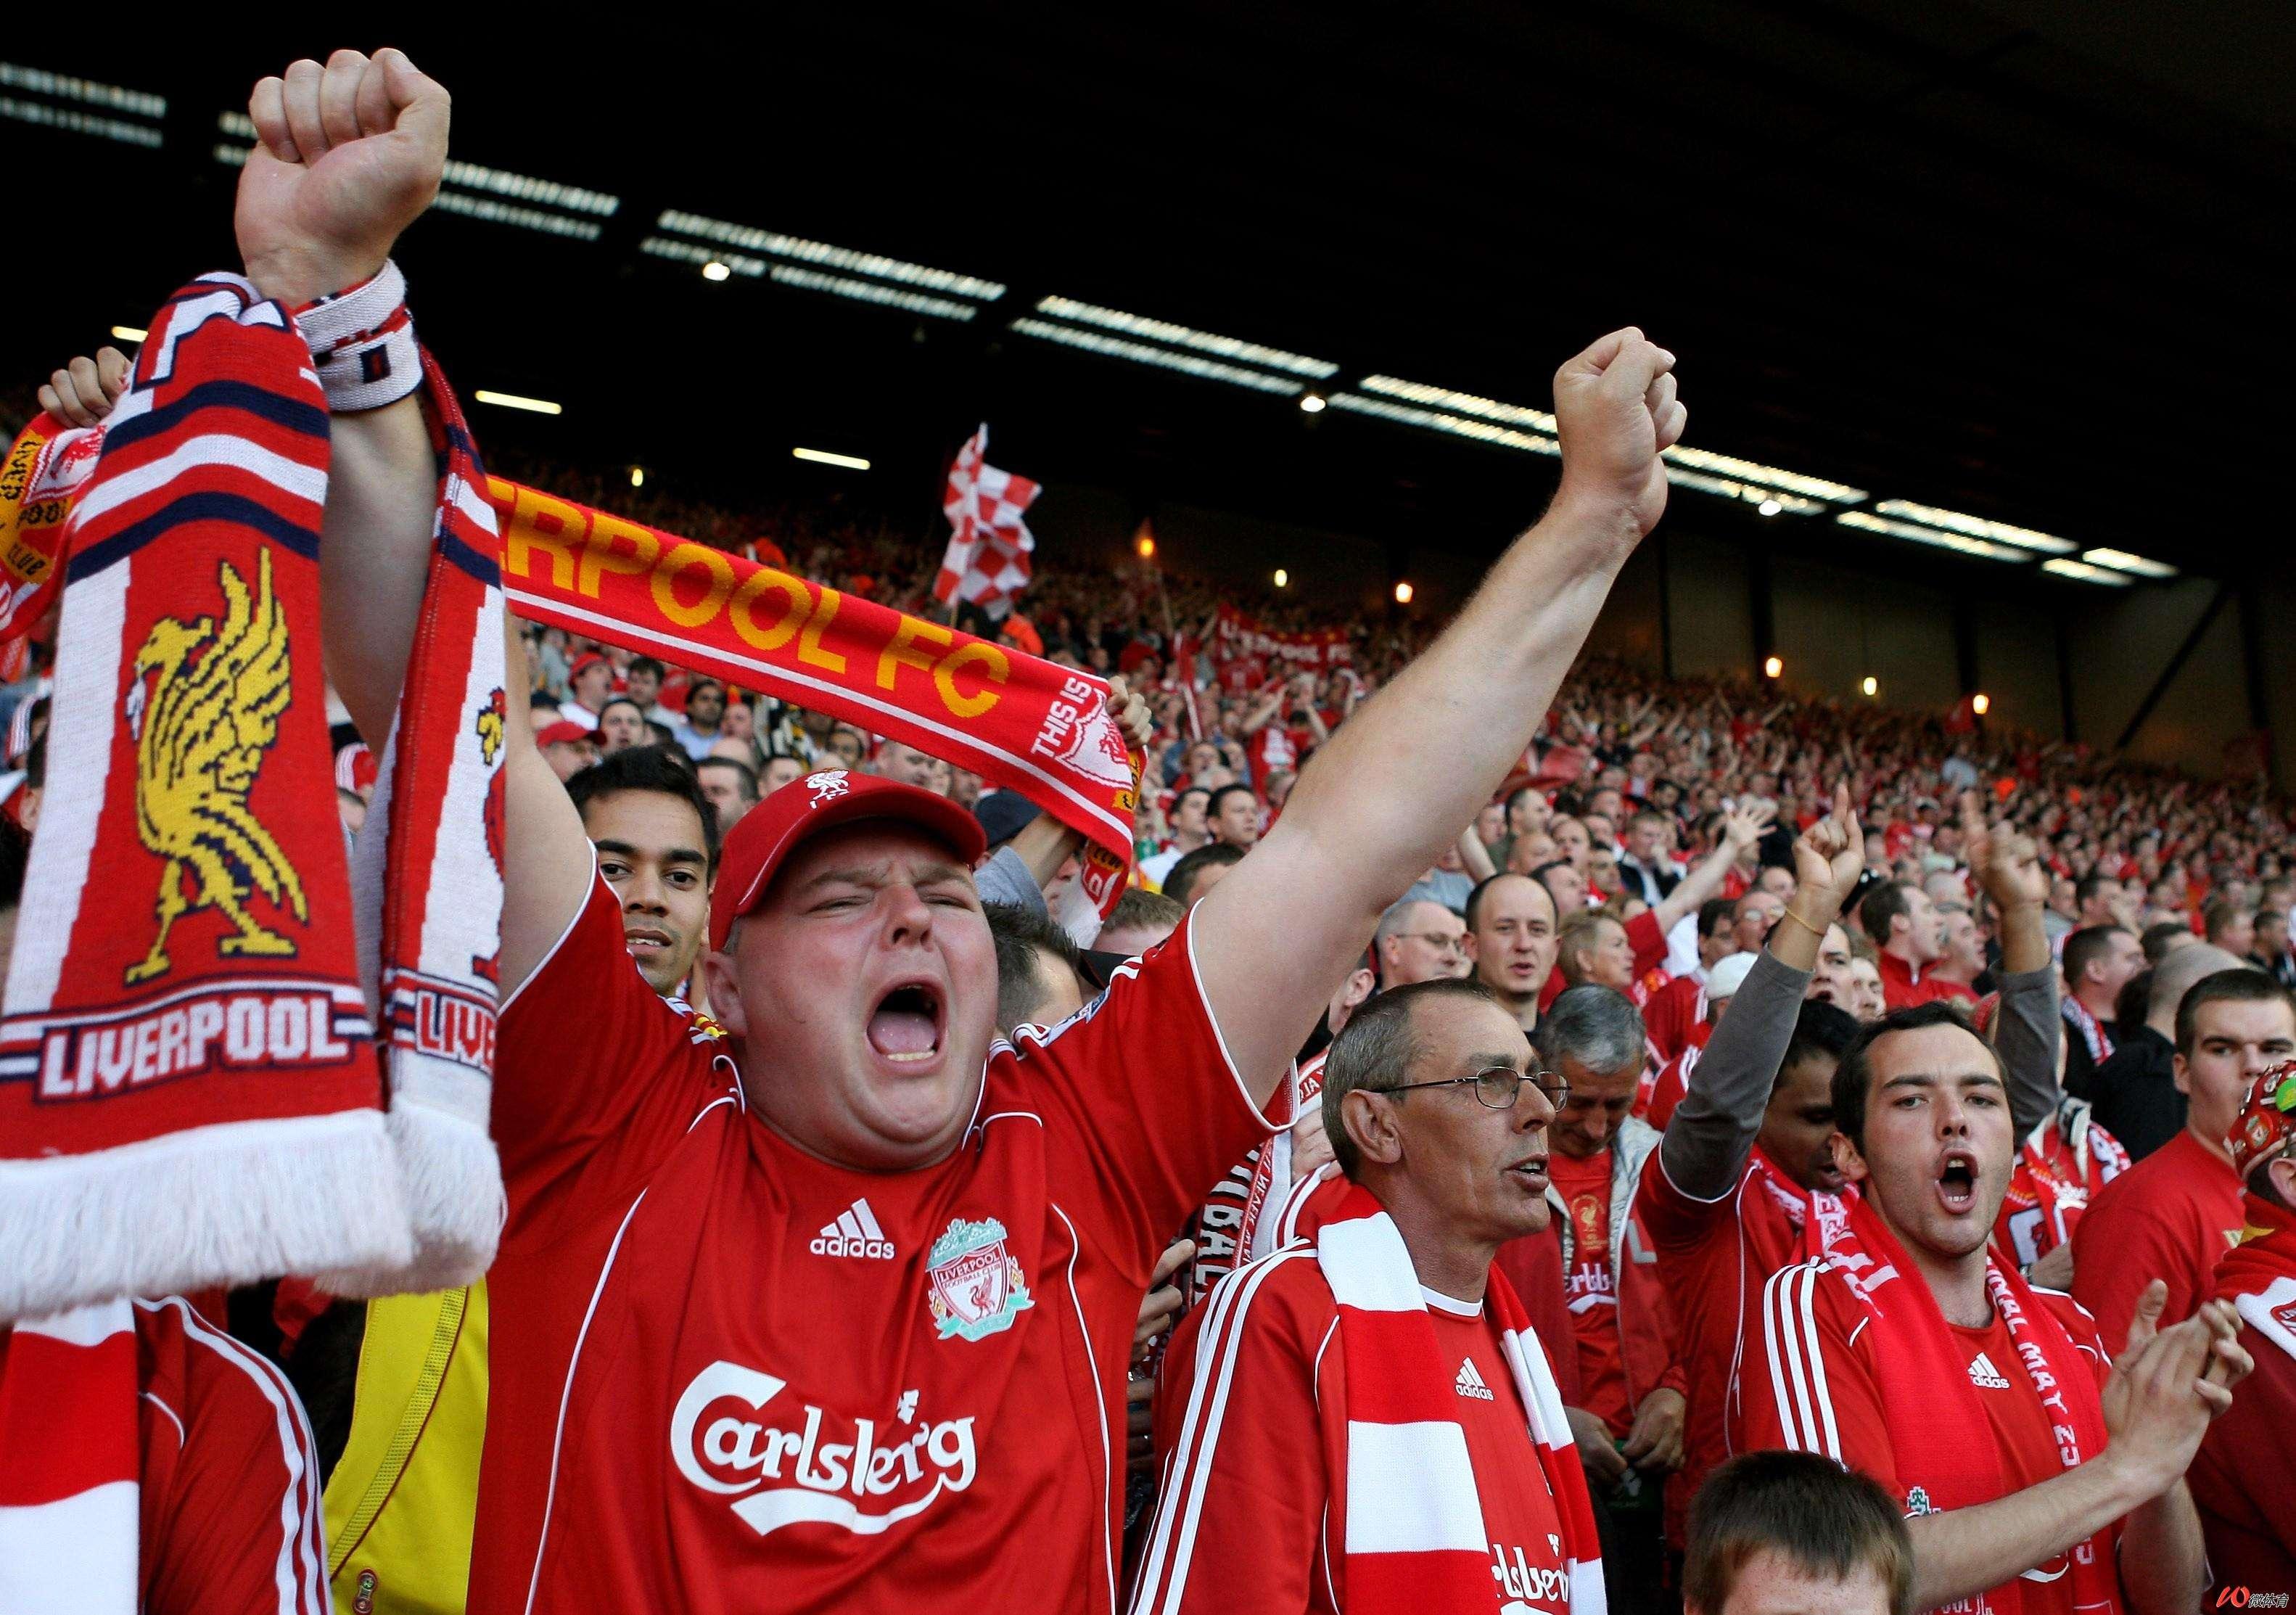 基翁:利物浦现在还没赢得什么,可不能忘乎所以